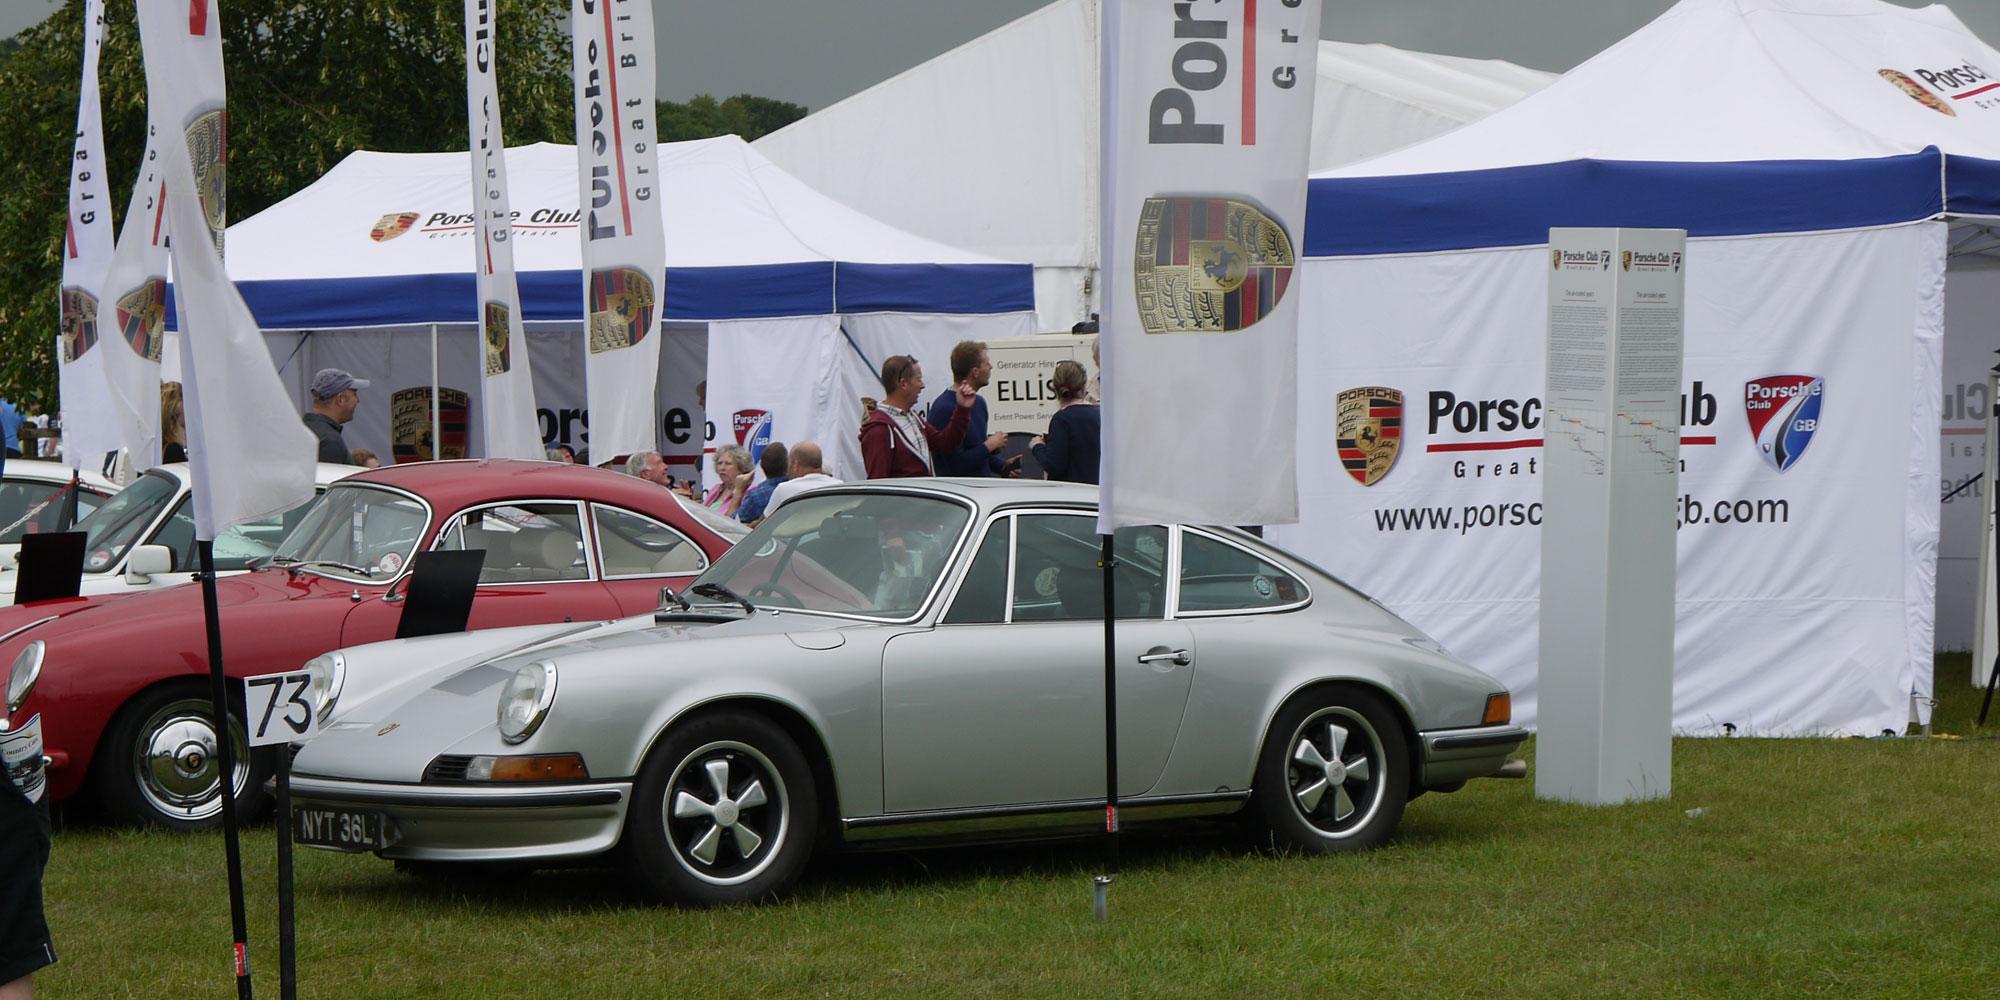 Porsche Club GB stand